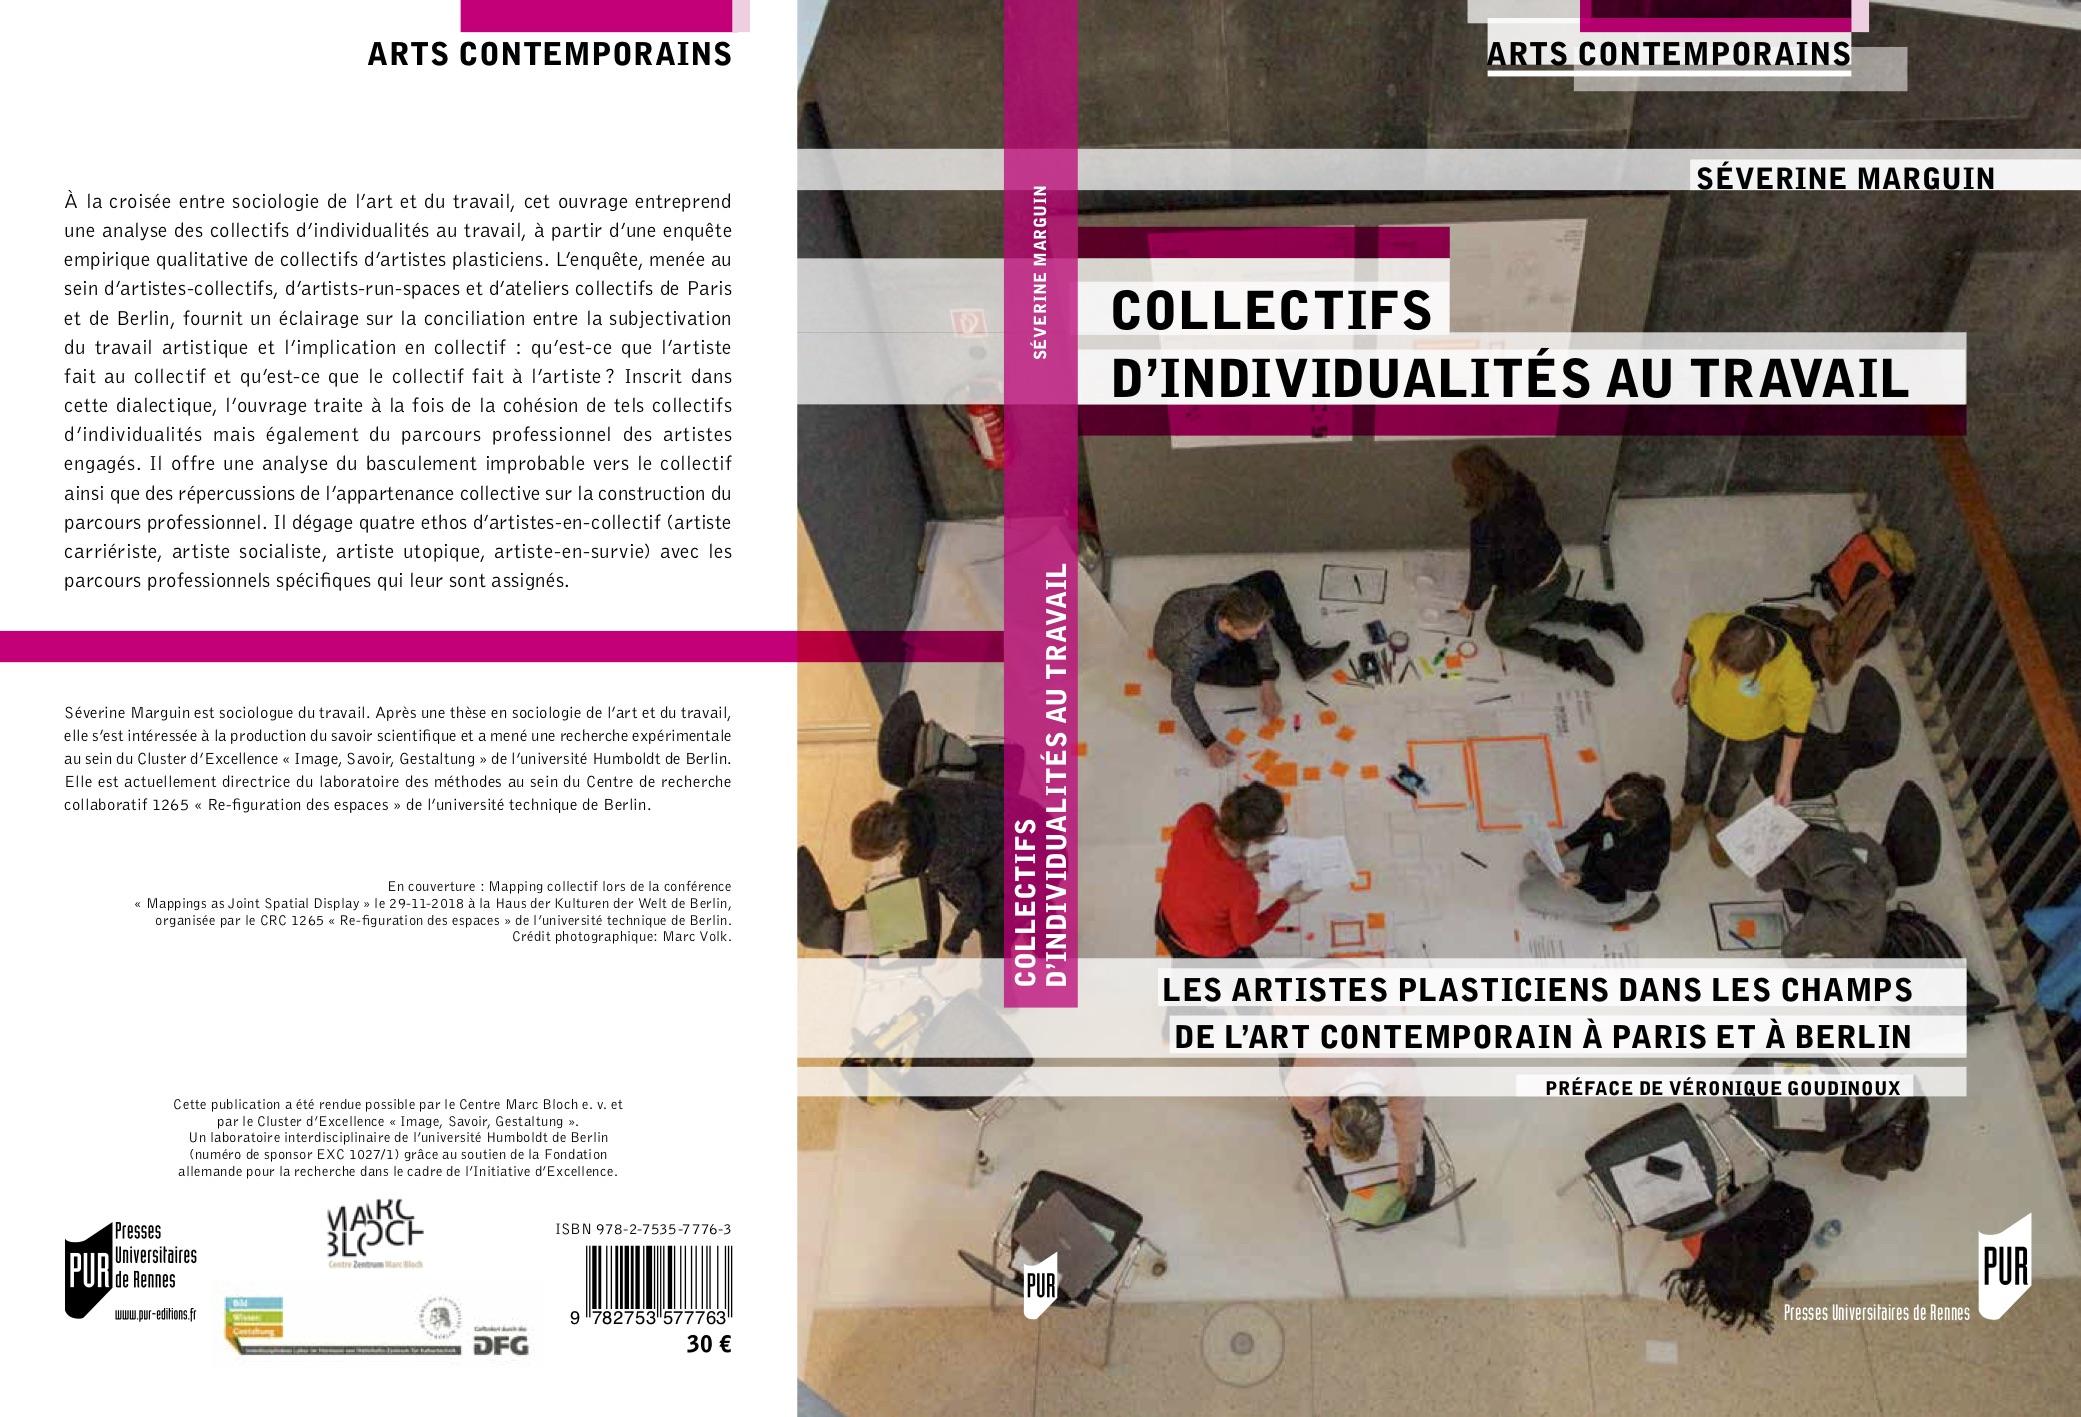 Promotionsprojekt: Kollektive von Individualisten. Bildende Künstler in den Kunstfeldern von Berlin und Paris